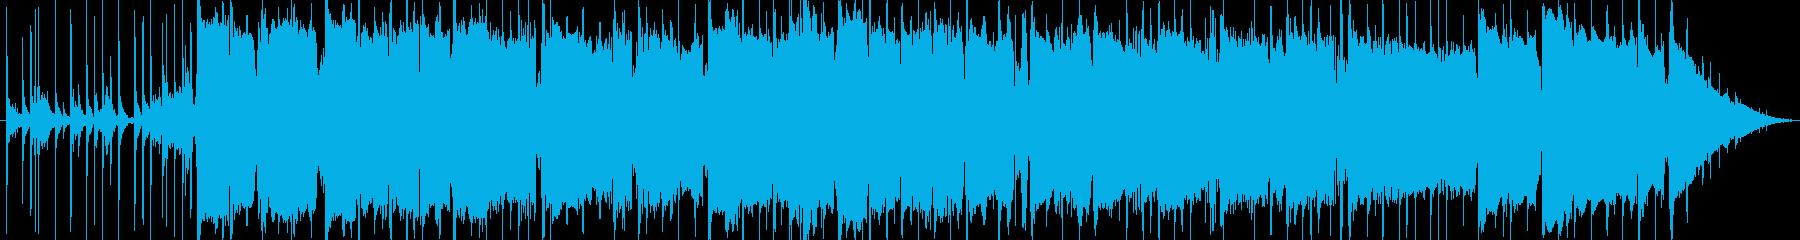 メロディックなアコースティックパー...の再生済みの波形